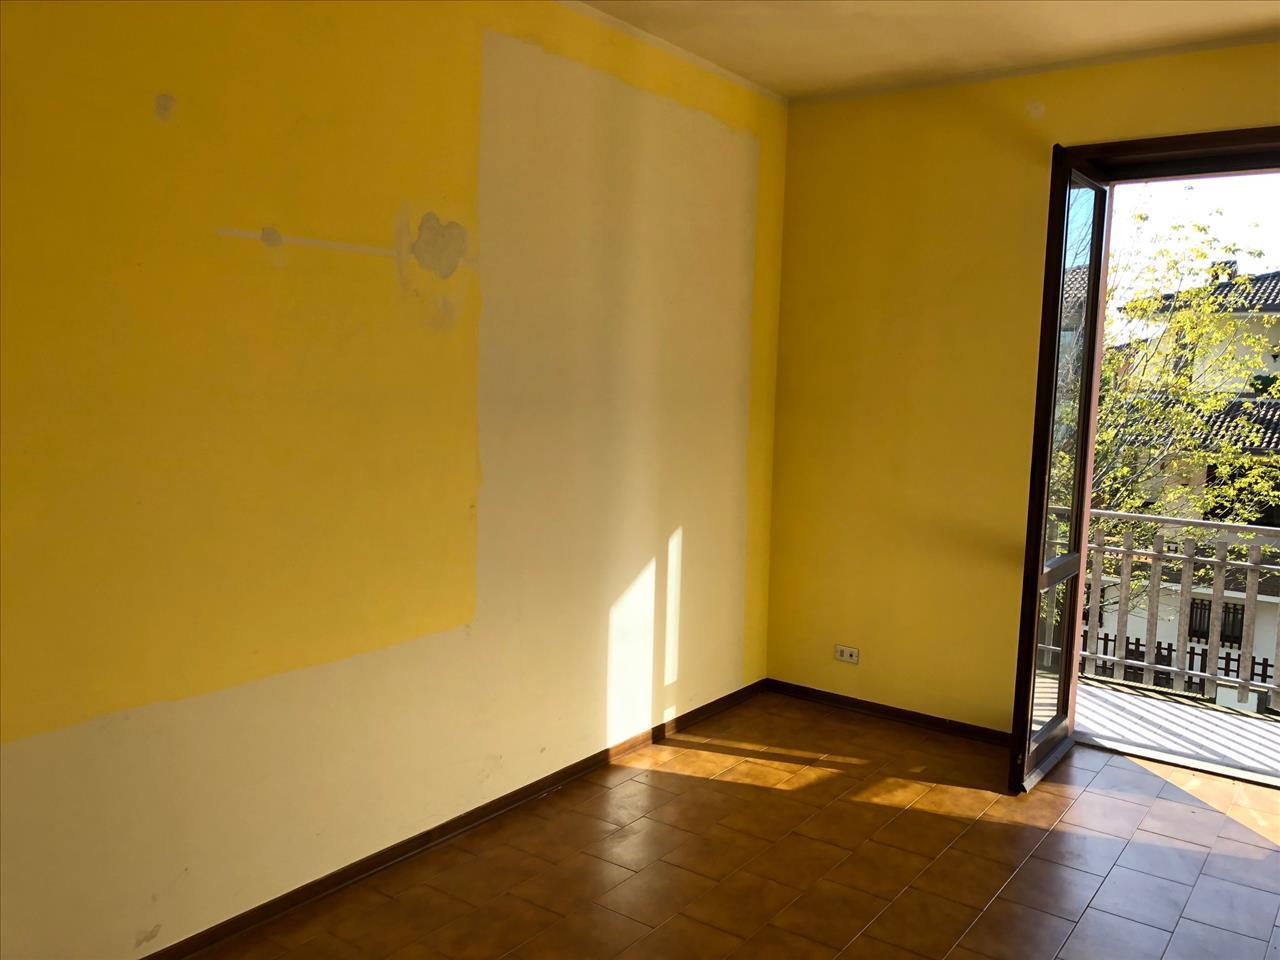 Appartamento in vendita a San Giorgio Piacentino, 3 locali, prezzo € 95.000 | CambioCasa.it